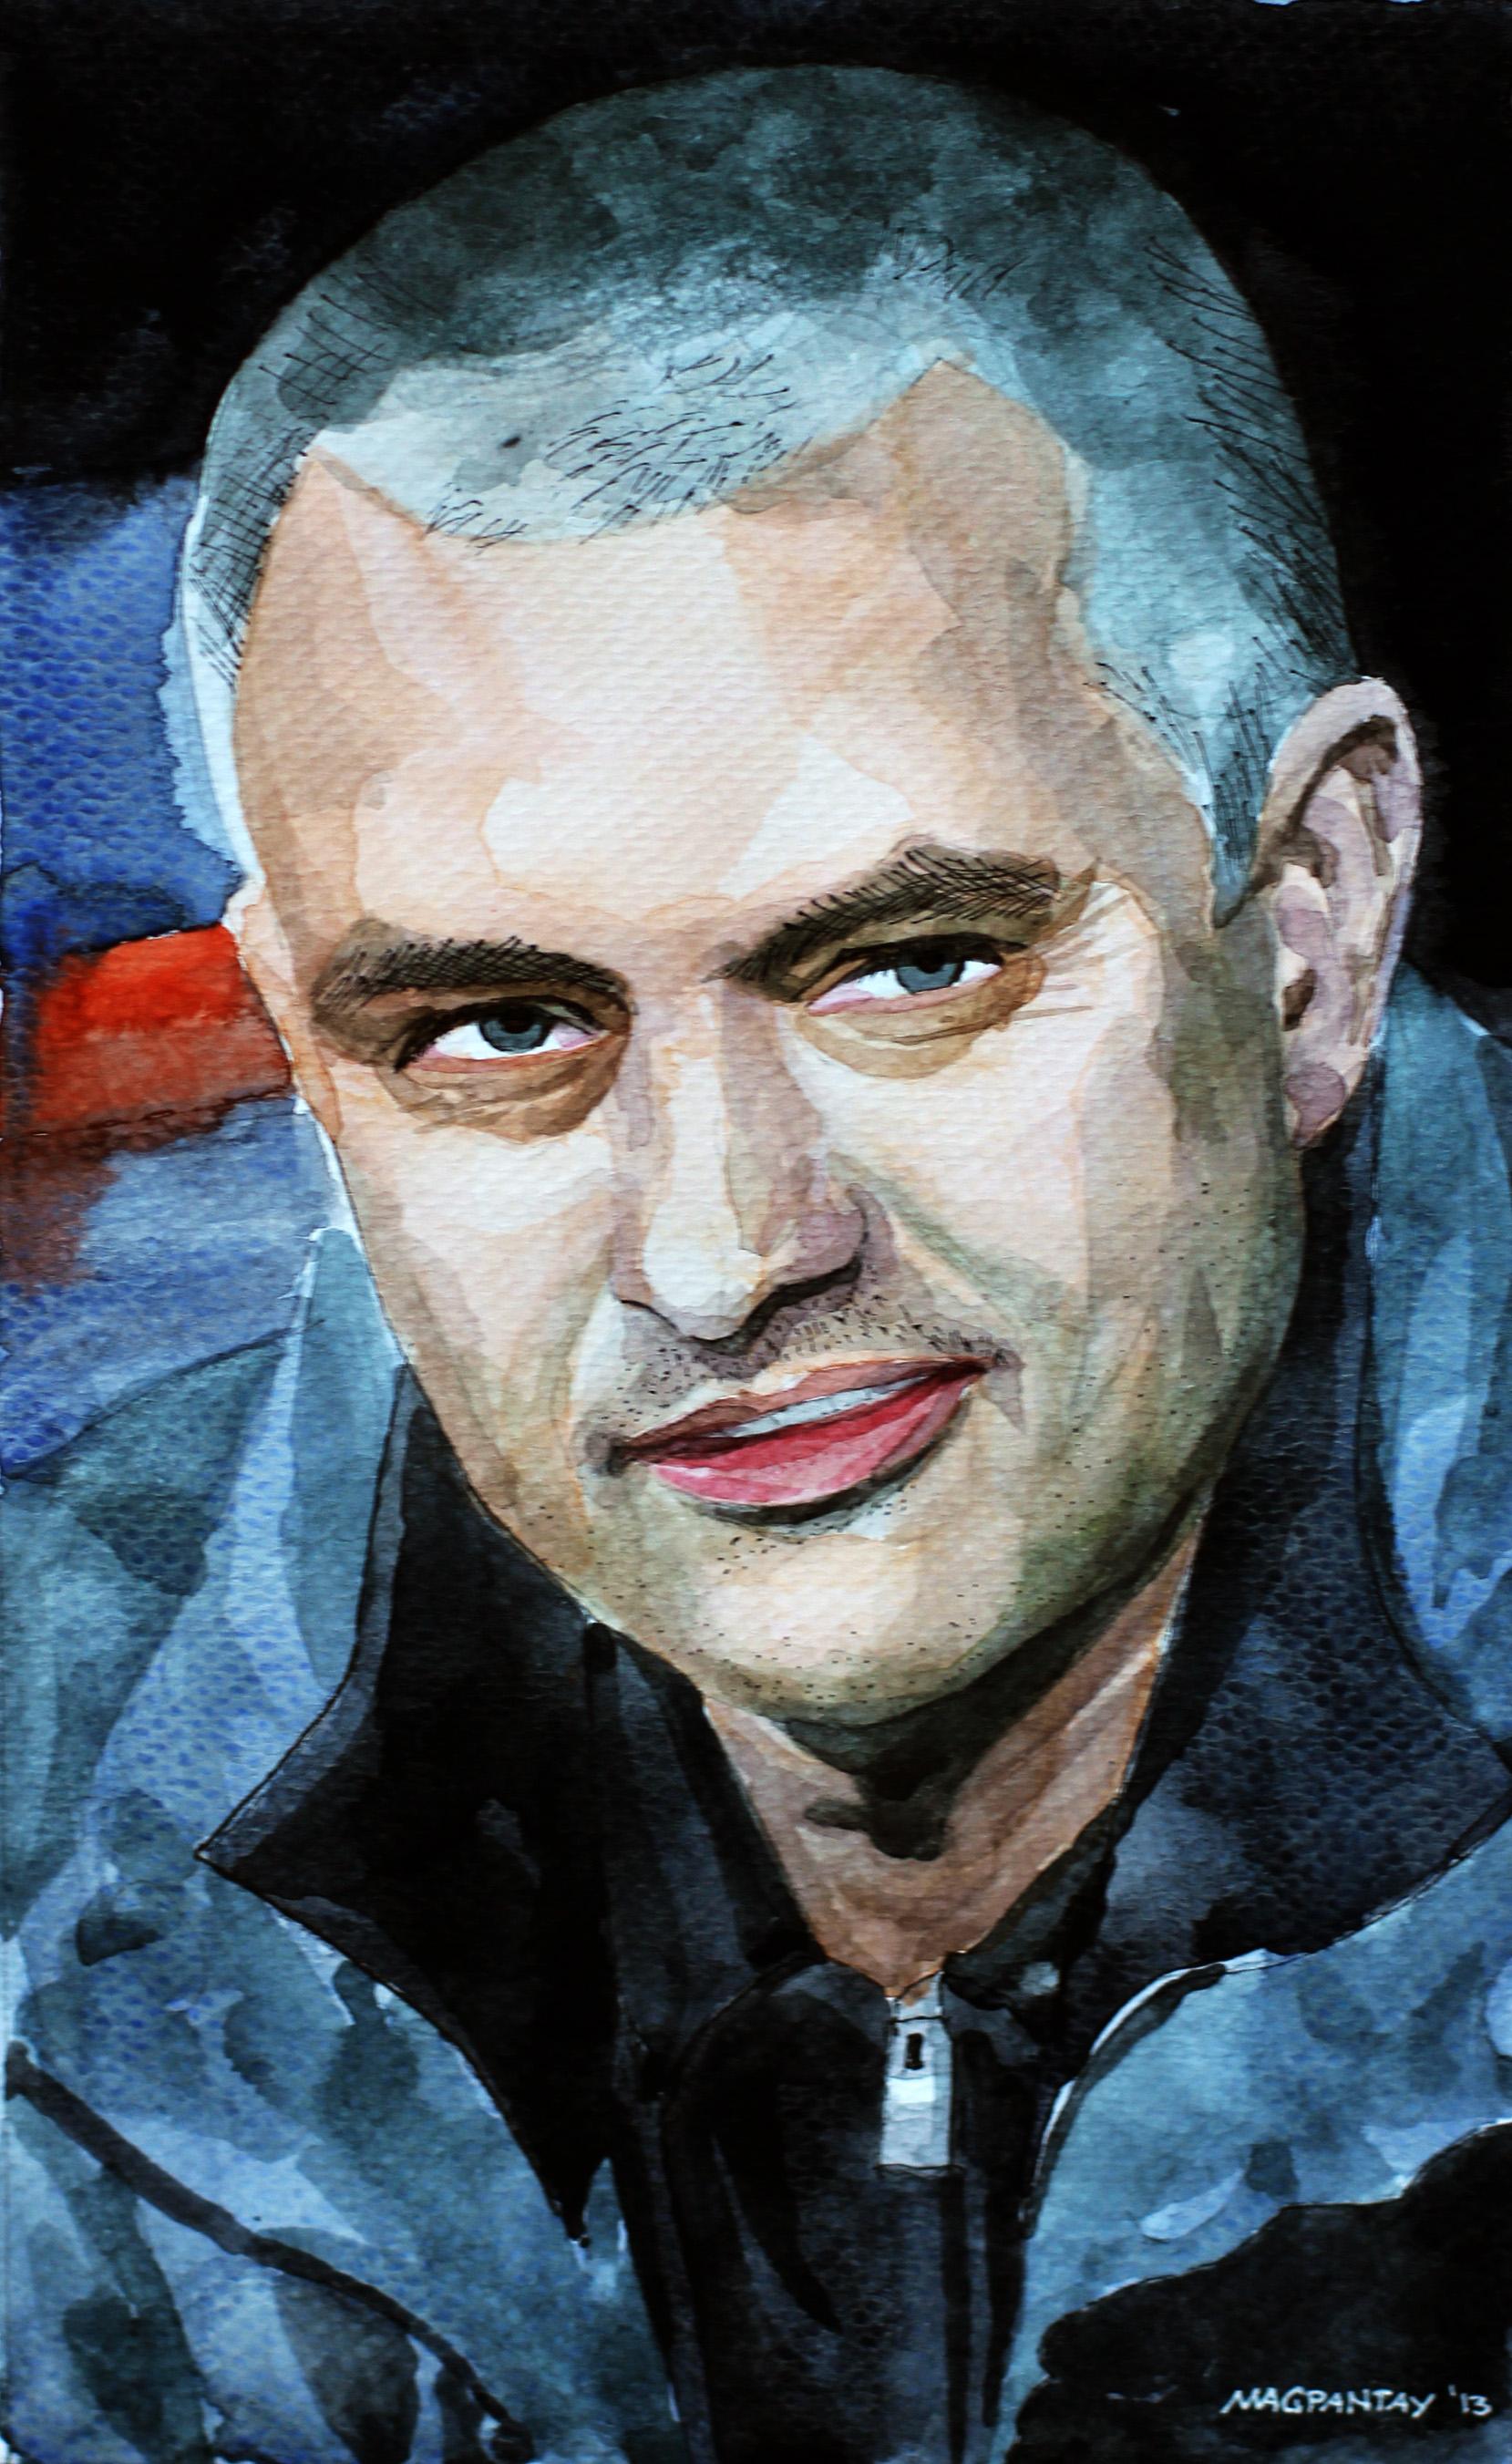 Unentschieden im Londoner Derby – Spurs imponieren mit kreativem Zentrum, Mourinhos Ass sticht